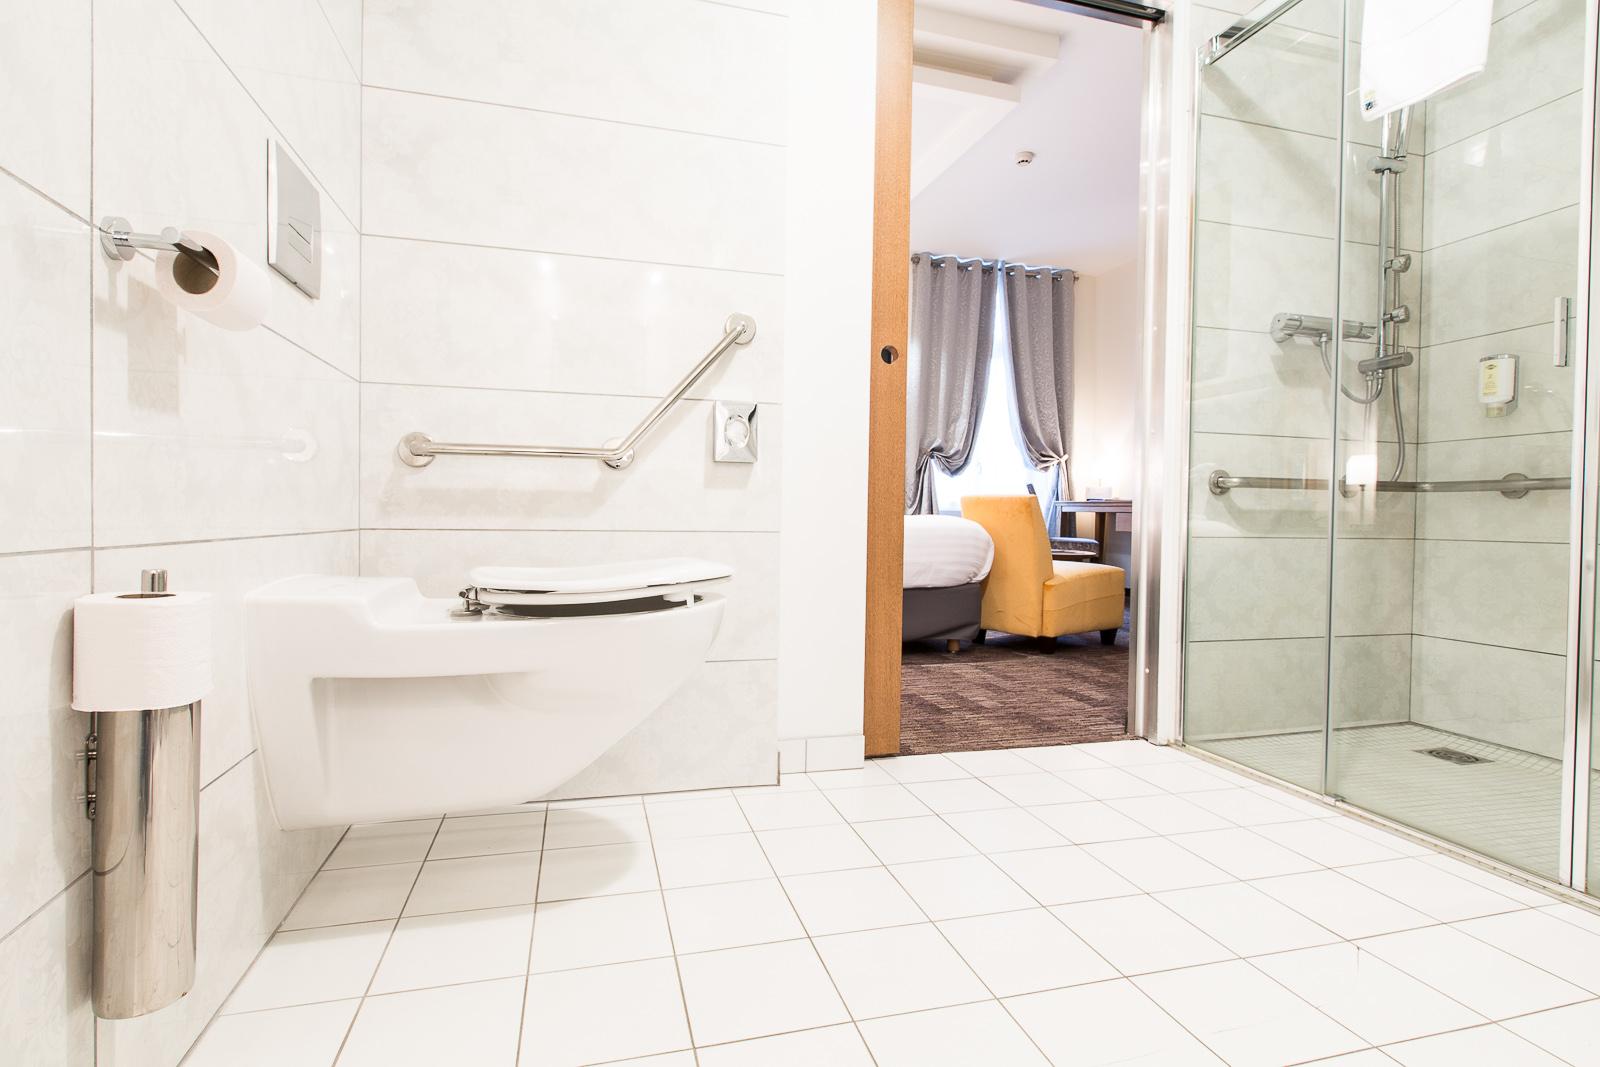 Hôtel Marotte chambre cosy wc